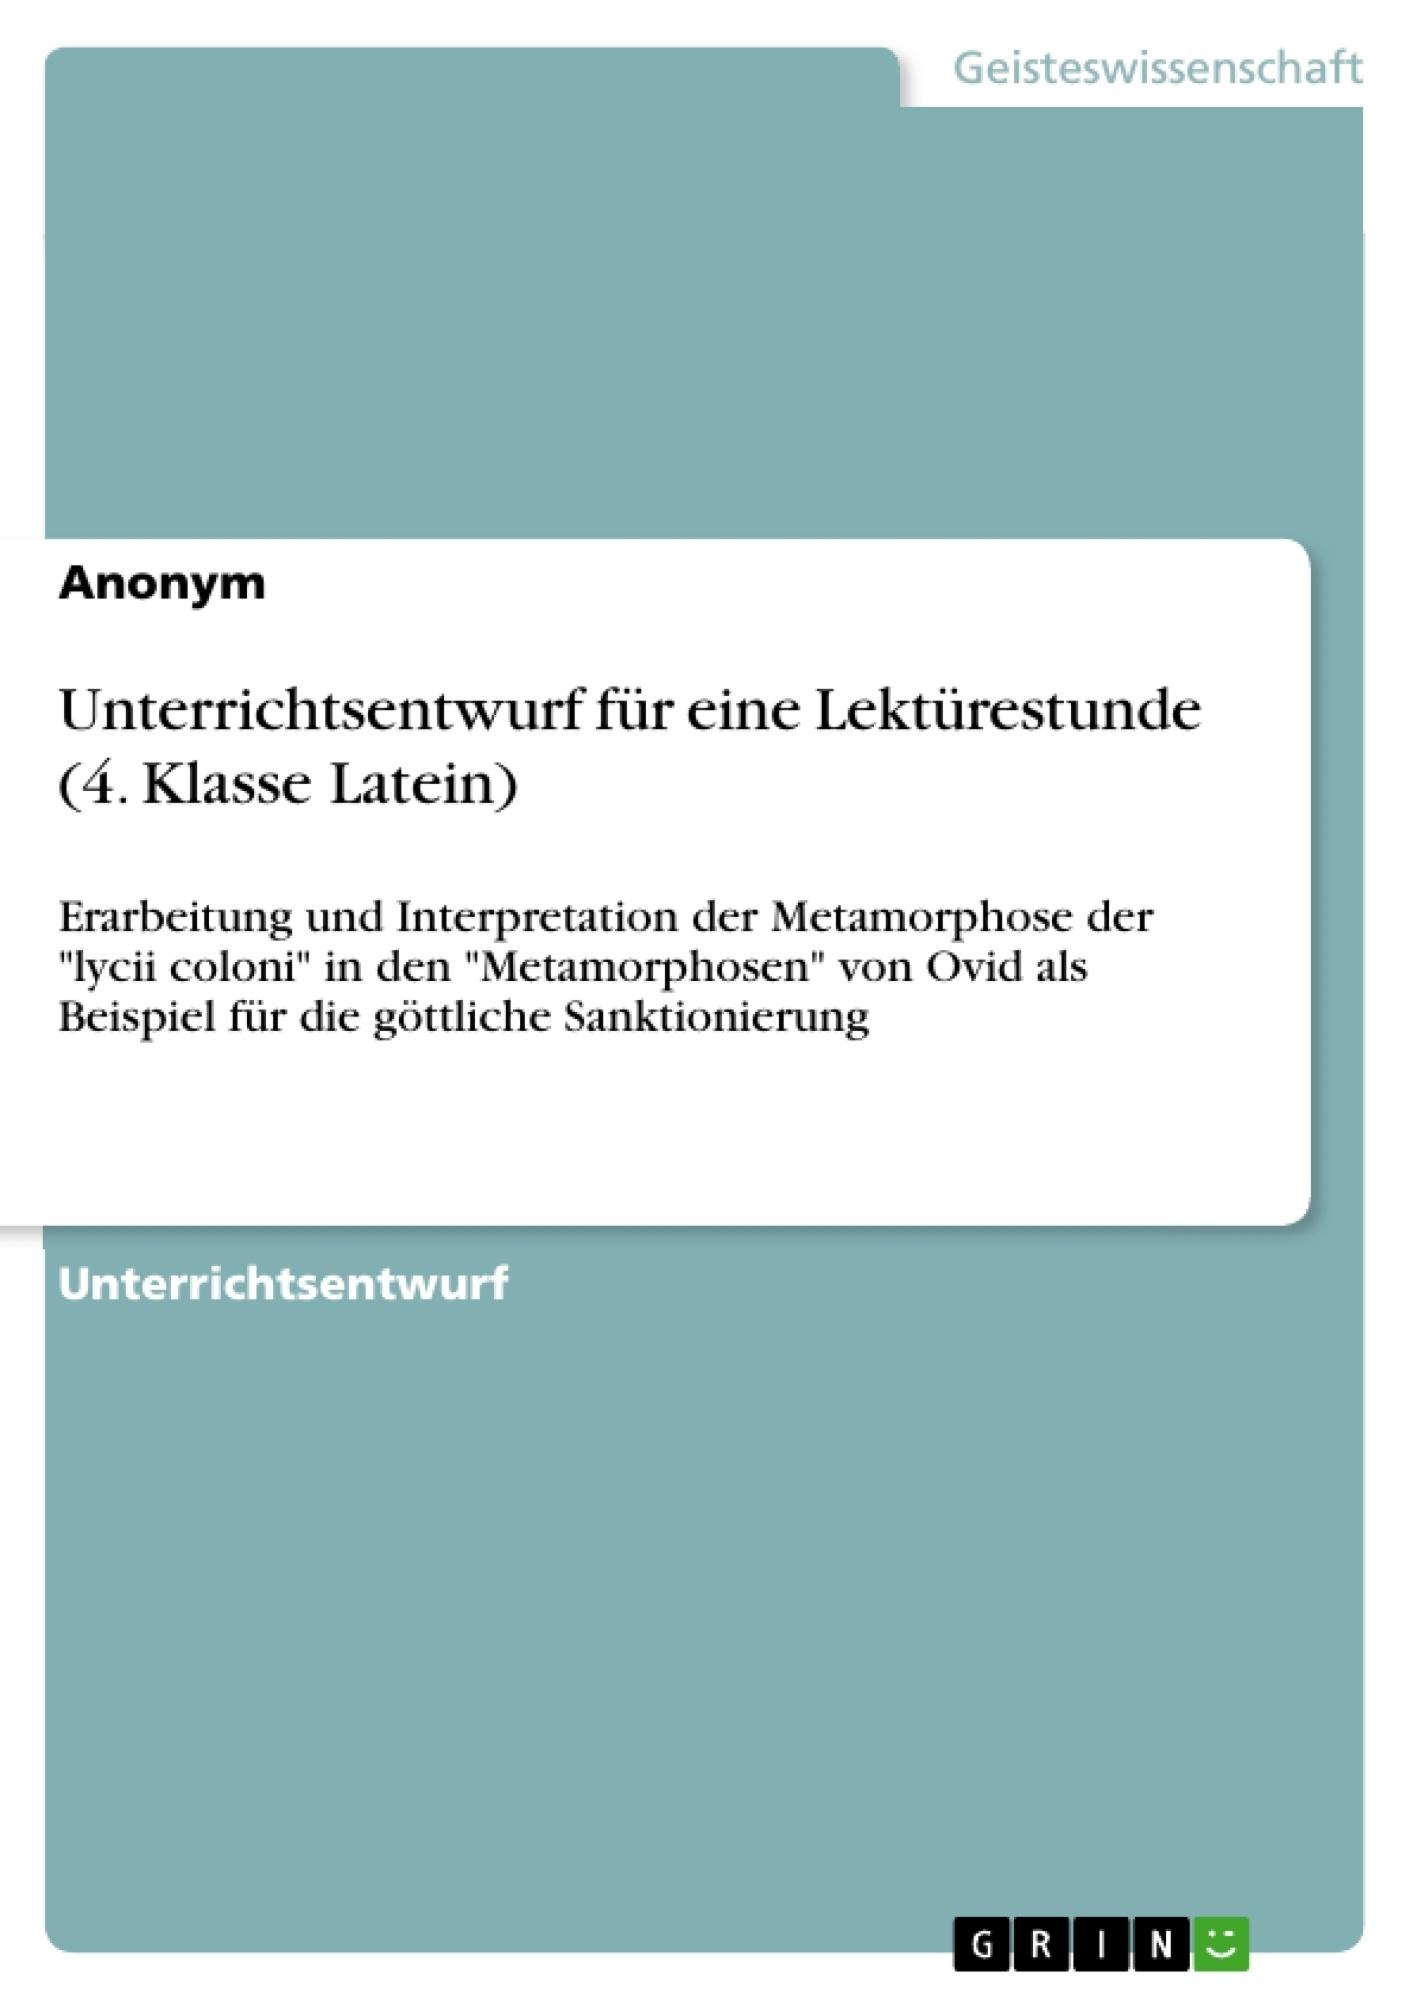 Titel: Unterrichtsentwurf für eine Lektürestunde (4. Klasse Latein)